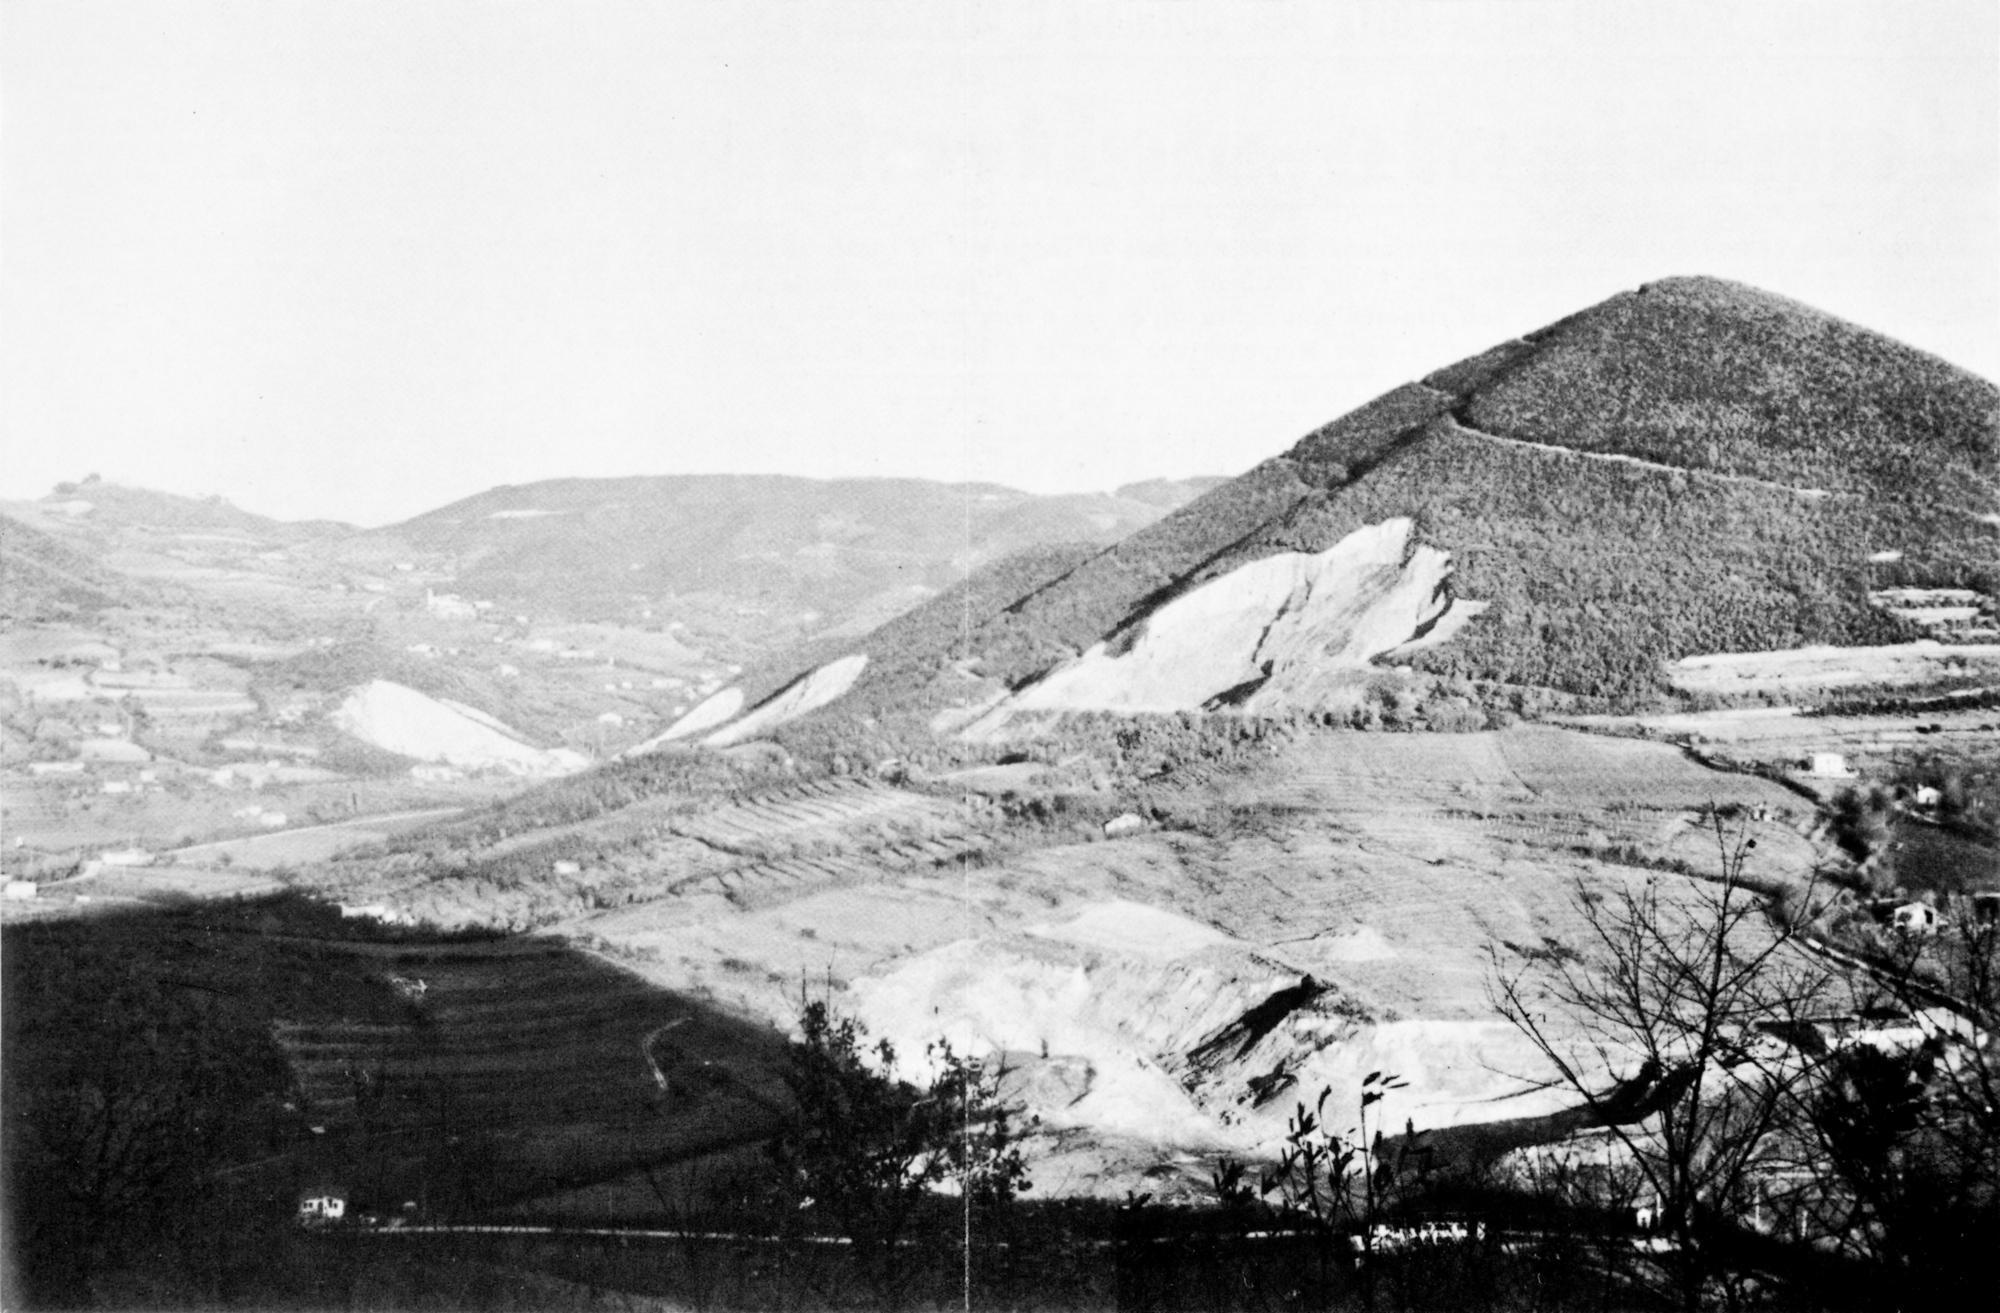 La cava Cucuzzola, ai piedi del monte Rusta.